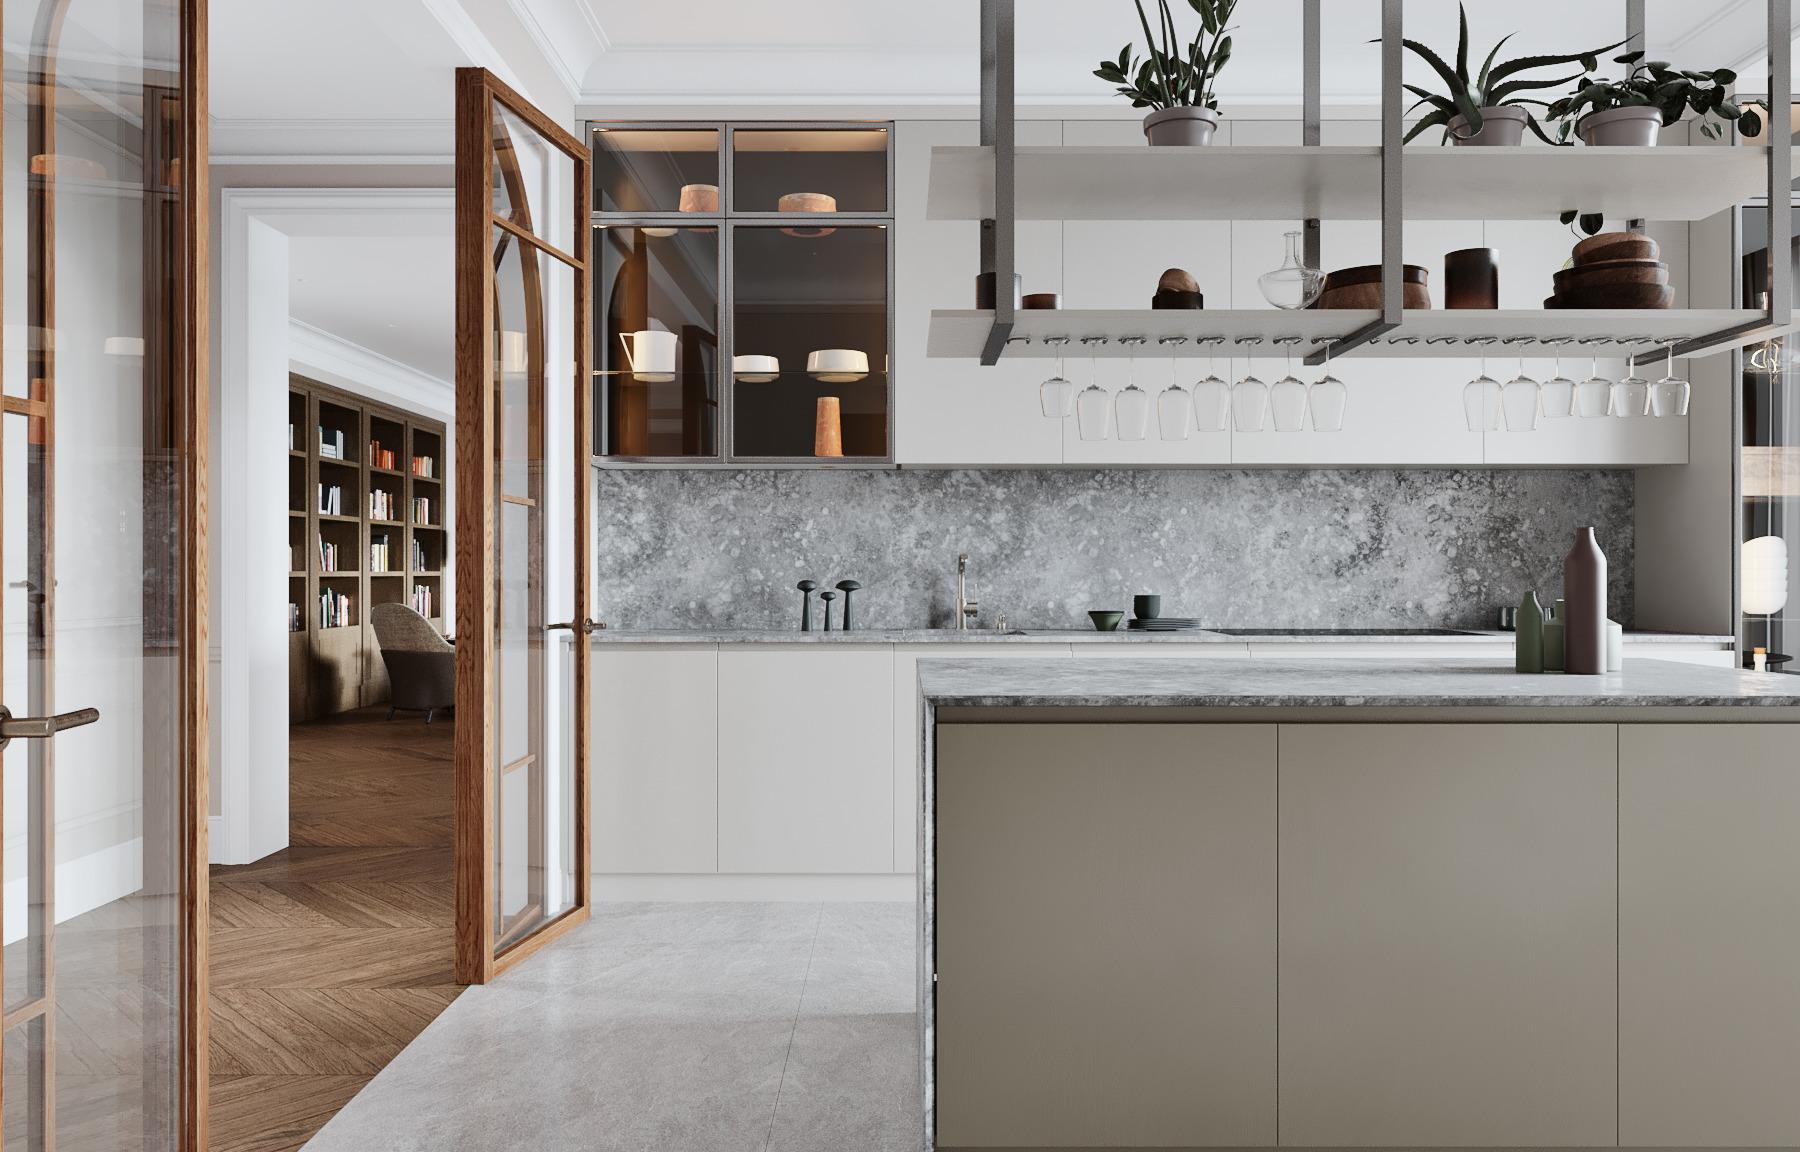 Проект недели: квартира с очень удобной кухней